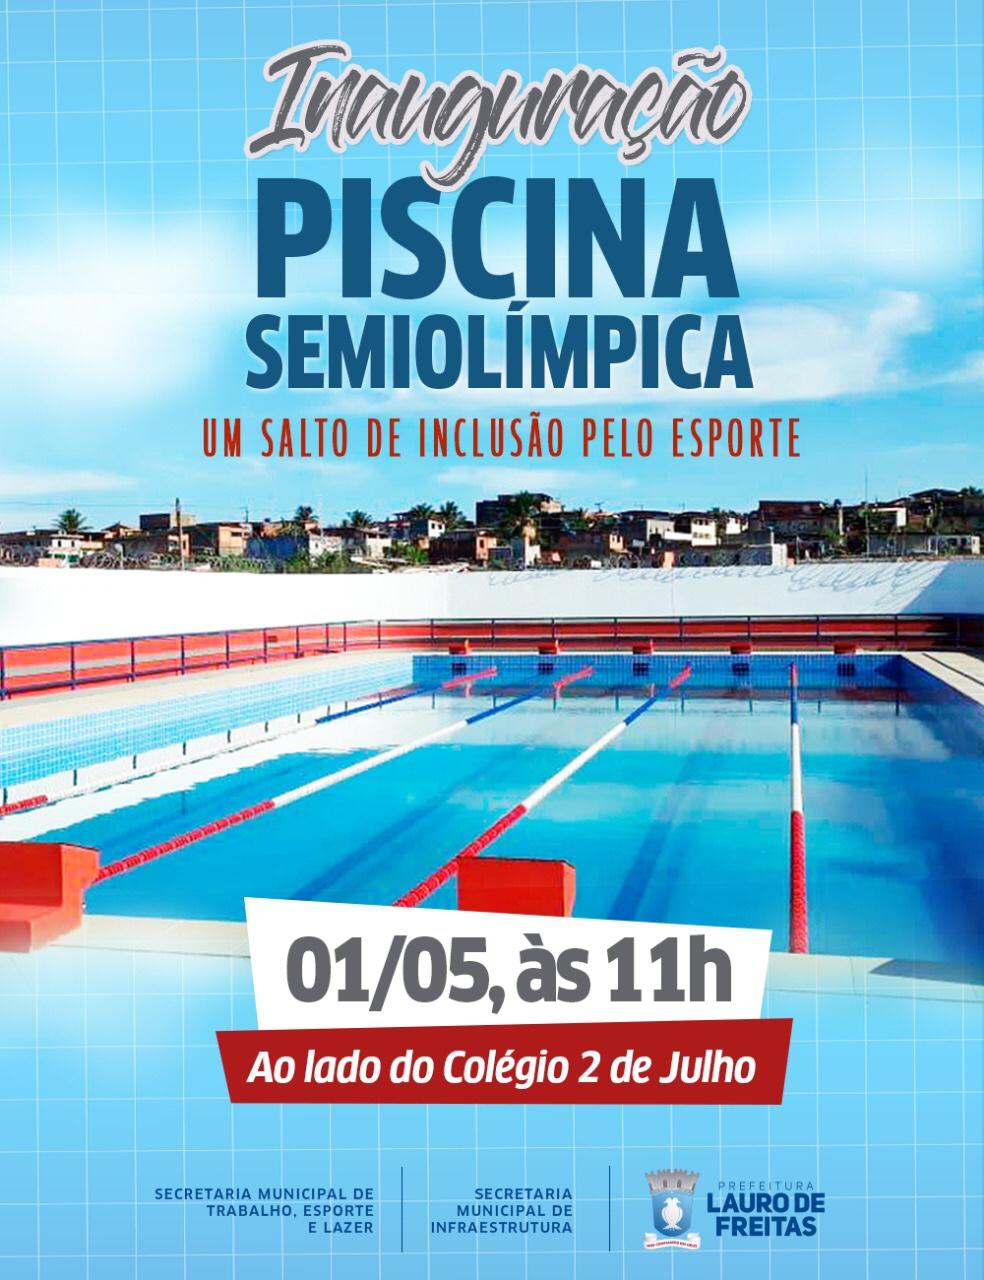 Resultado de imagem para Prefeitura inaugura piscina semiolímpica na Itinga nesta quarta-feira (01)